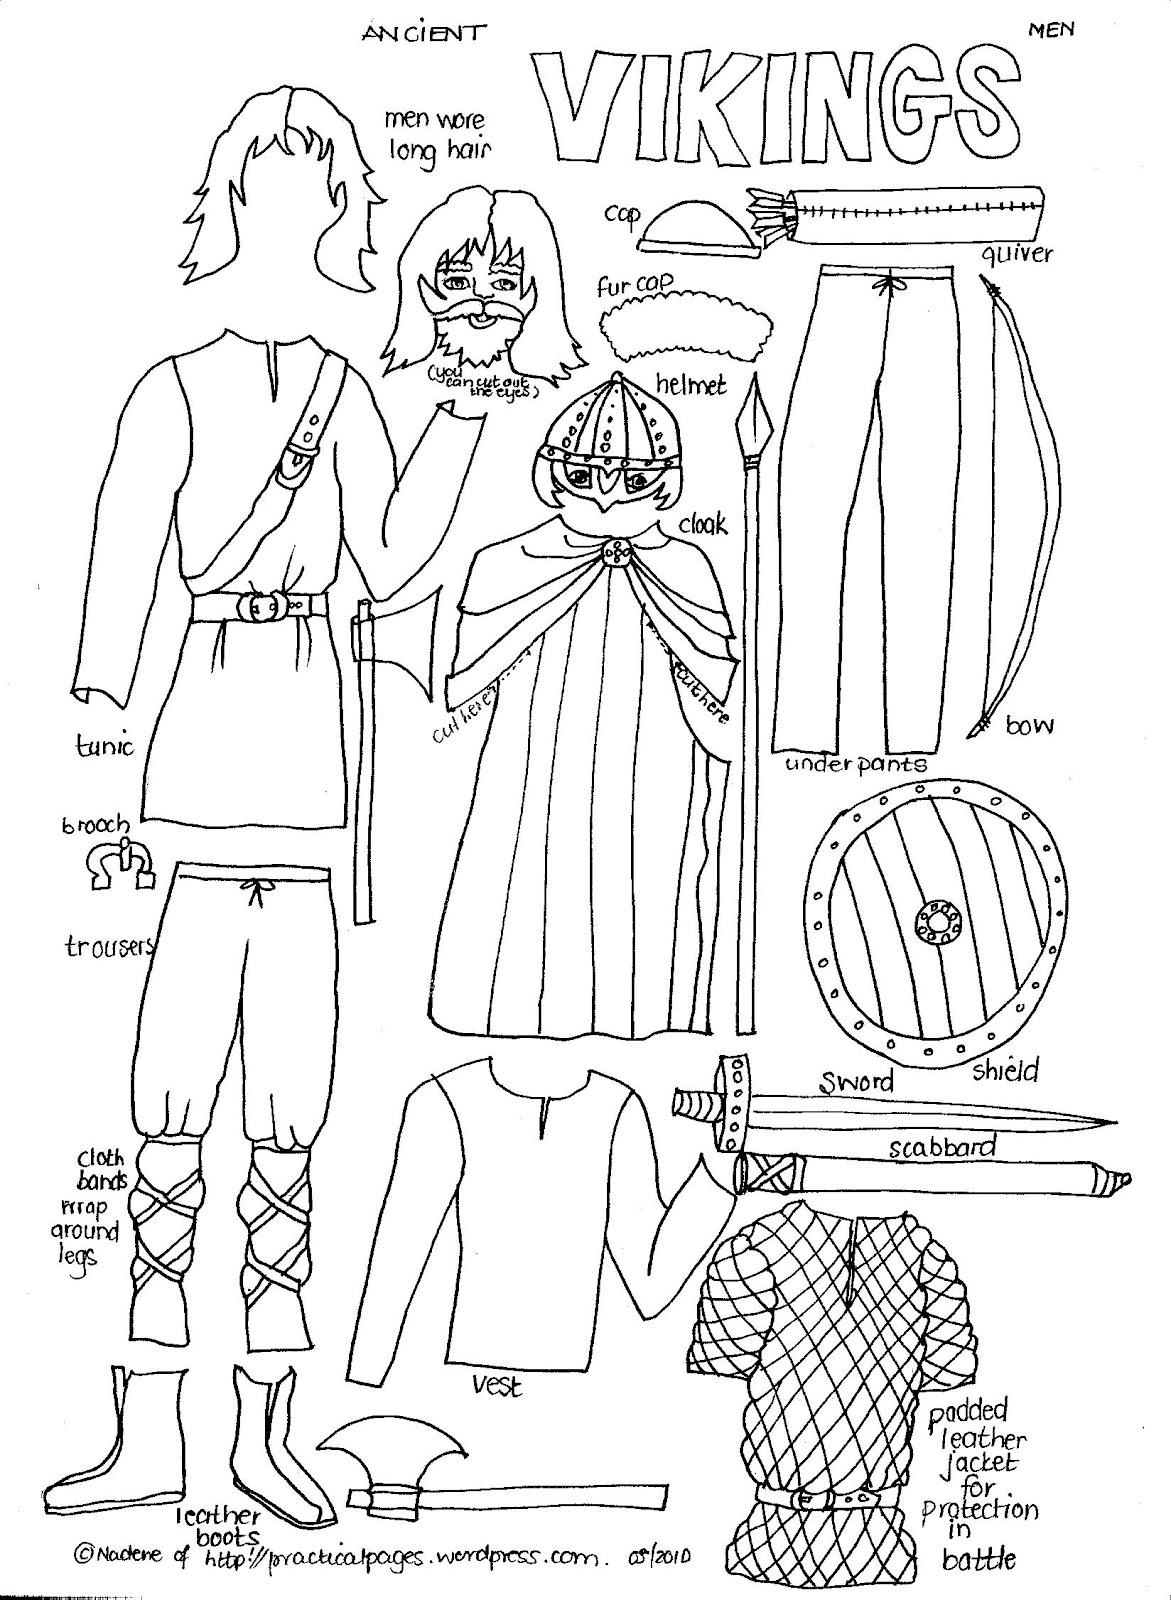 Posted by Springburn at 17 57Ancient Vikings Clothing